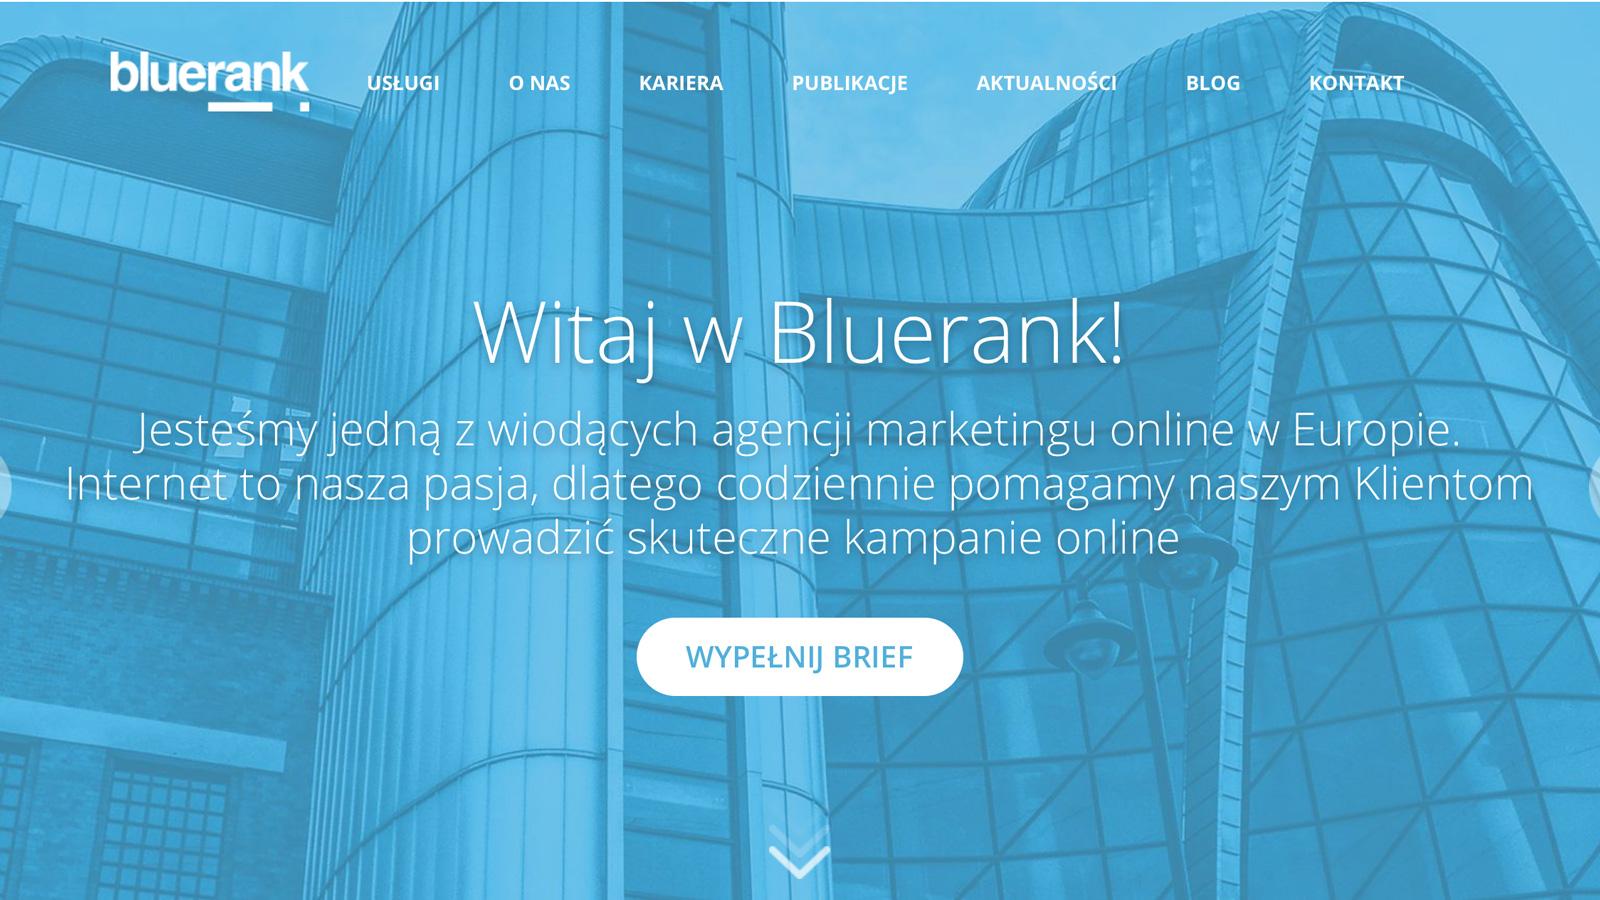 Bluerank prezentuje nową identyfikację wizualną Branding mediarun bluerank wizerunek identyfikacja nowa 2020